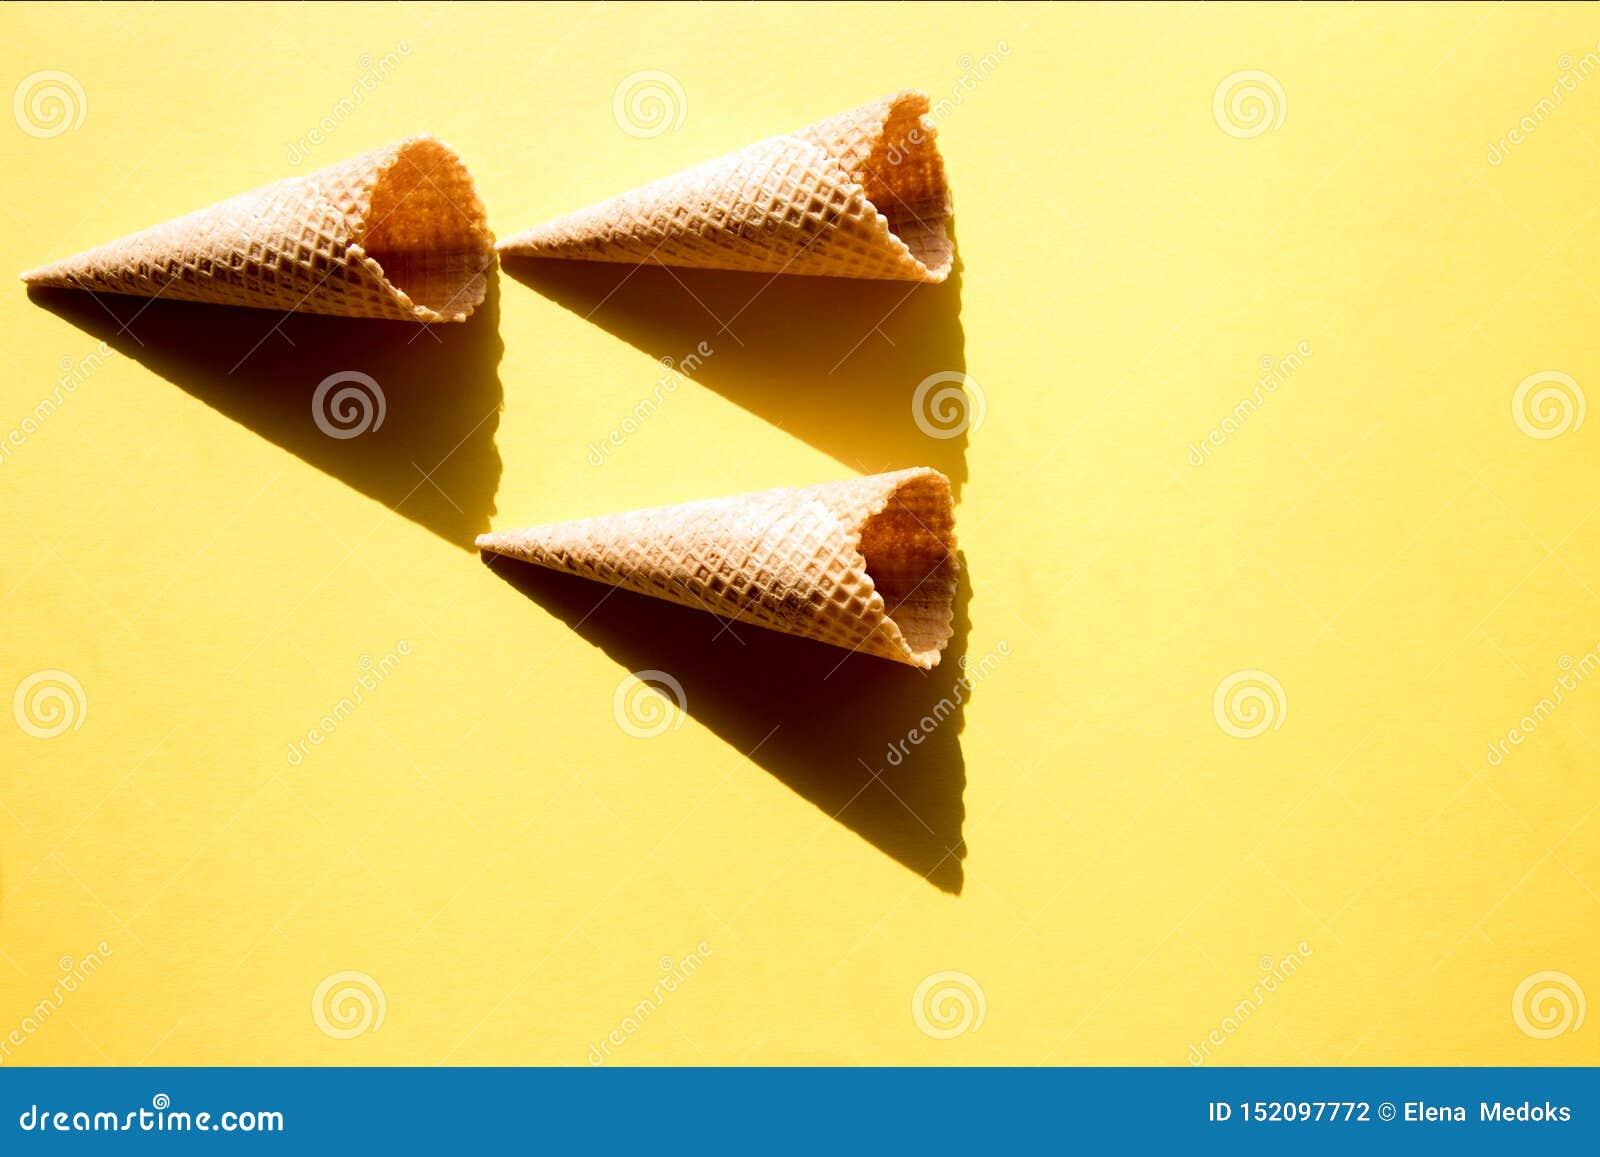 Τρία κενά φλυτζάνια βαφλών για το παγωτό σε ένα κίτρινο υπόβαθρο στο φωτεινό φως του ήλιου και τις τραγανές, σκληρές σκιές r